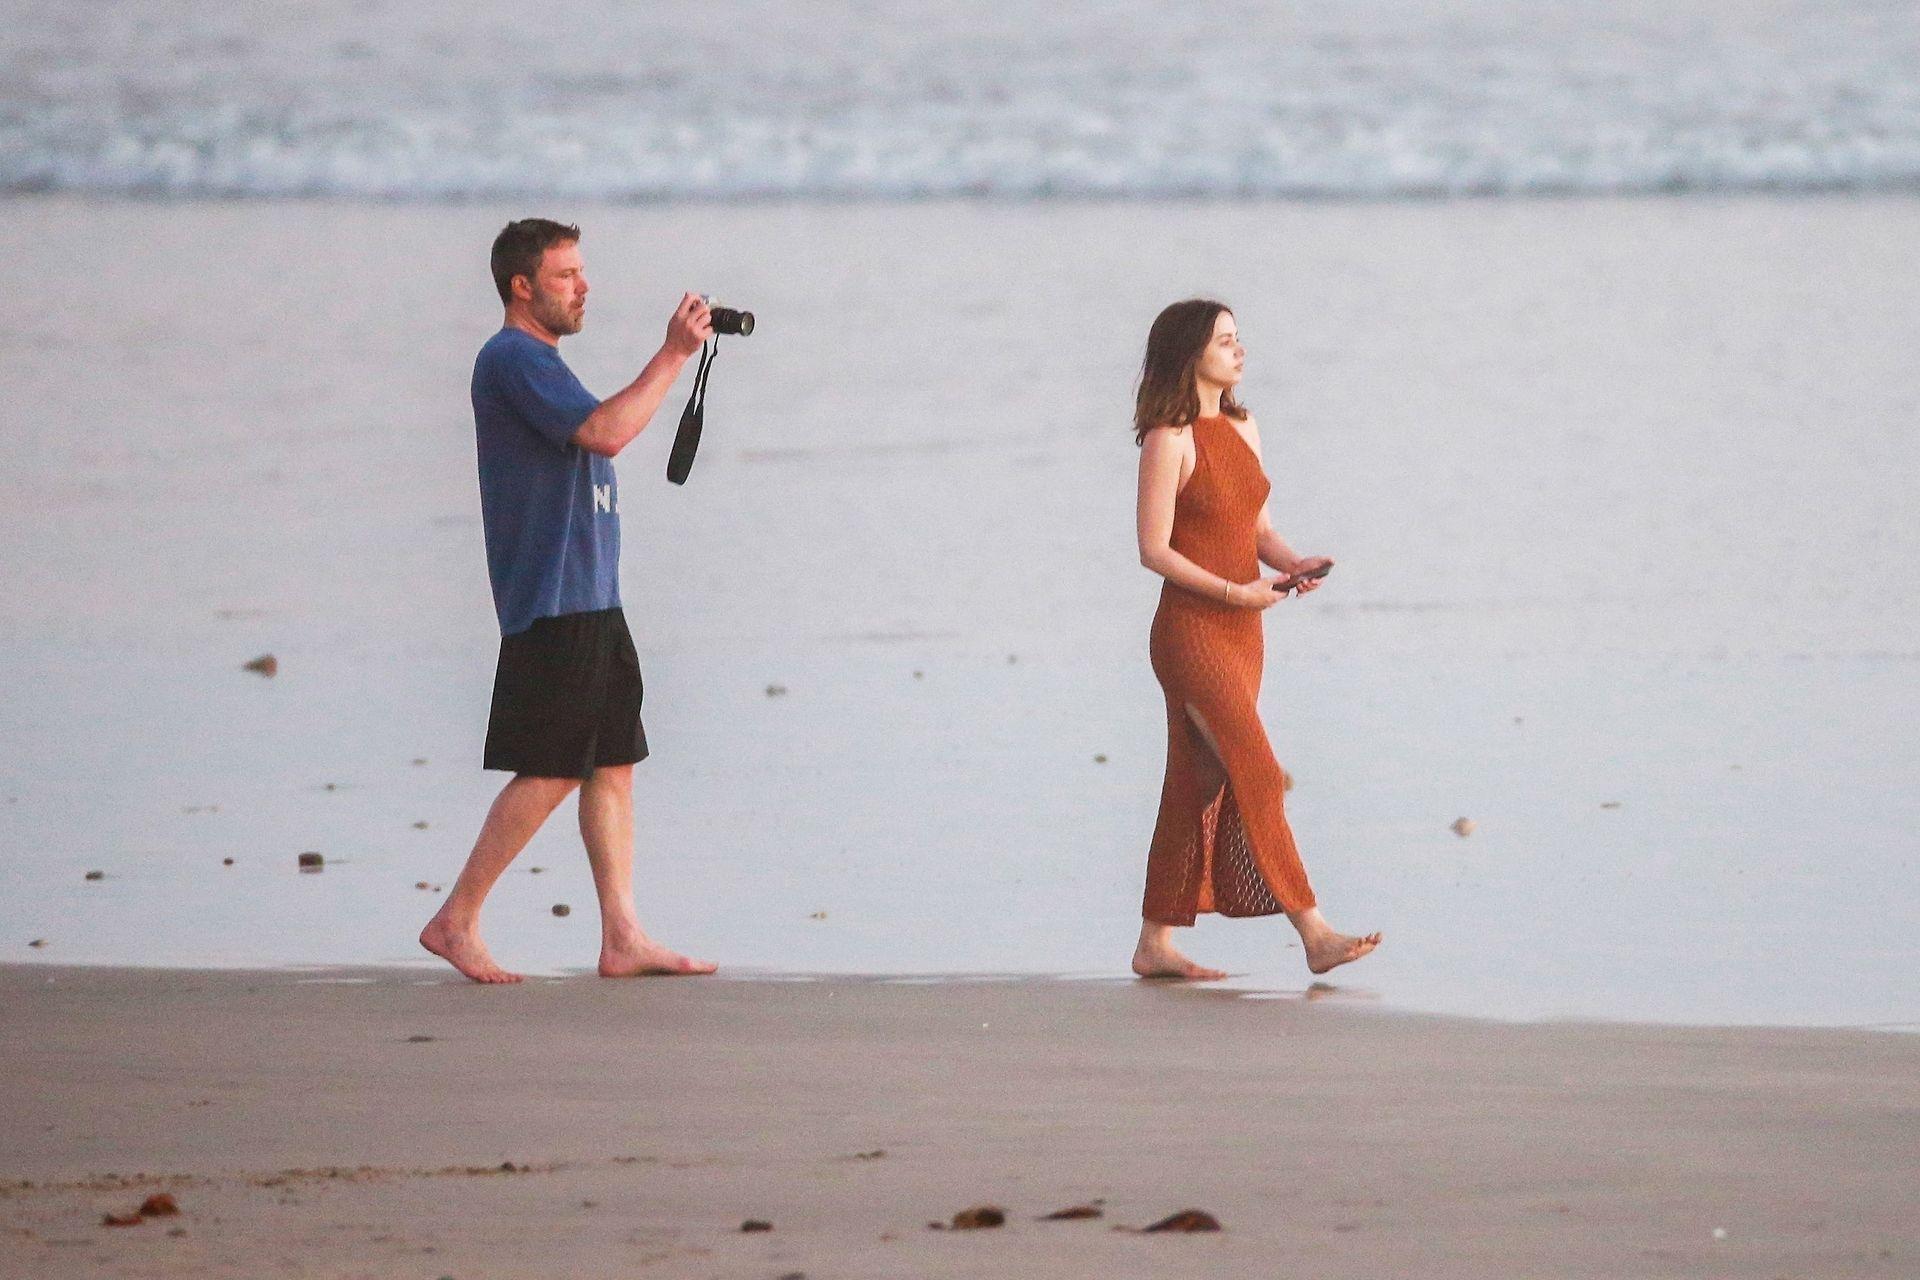 Ben Affleck & Ana De Armas Enjoy A Pda Moment During Romantic Beach Stroll In Costa Rica 0020